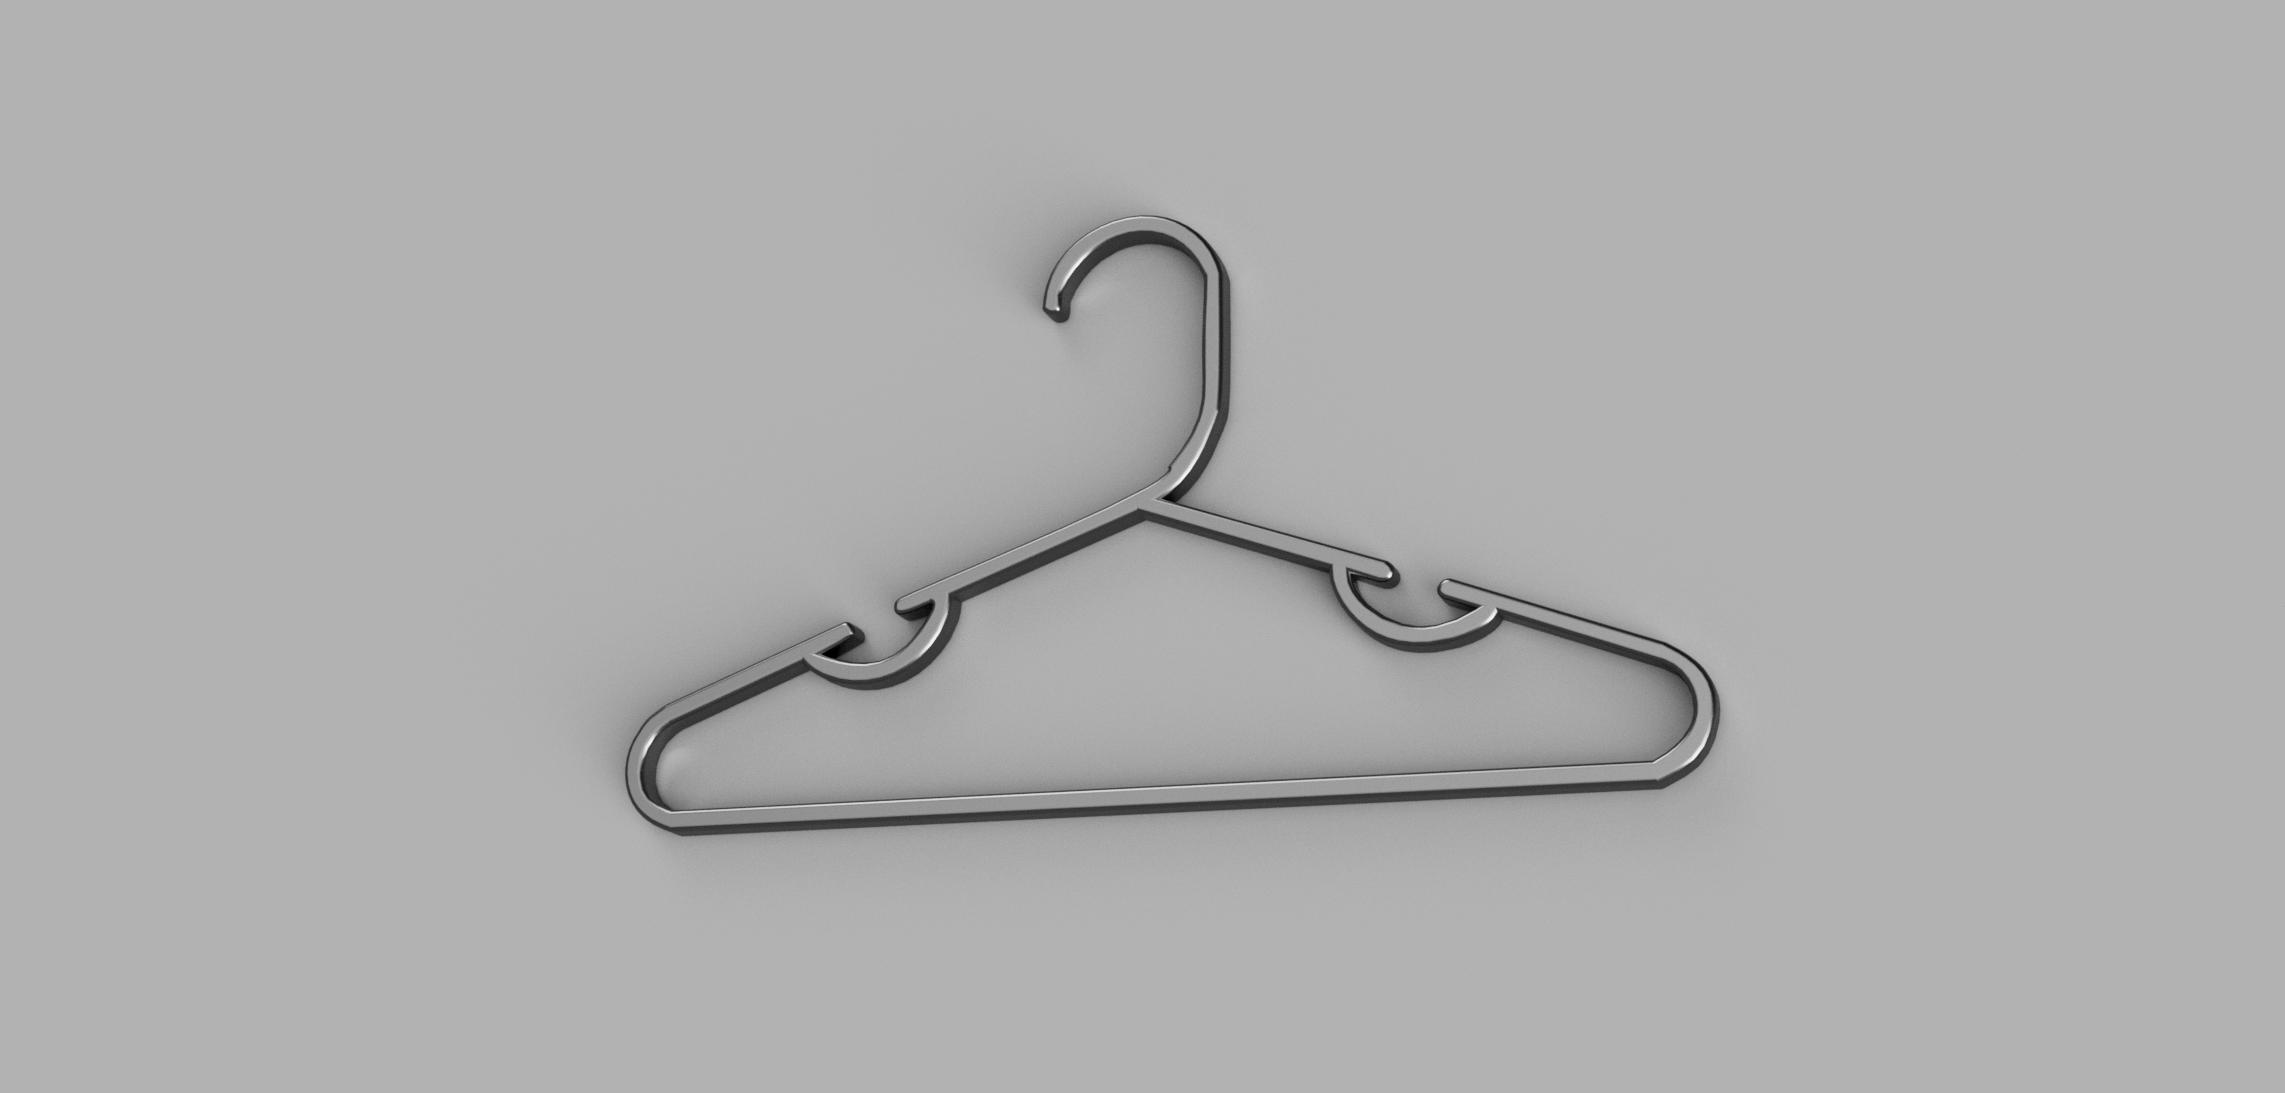 pic.png Descargar archivo STL Hanger • Diseño para la impresora 3D, iansjung